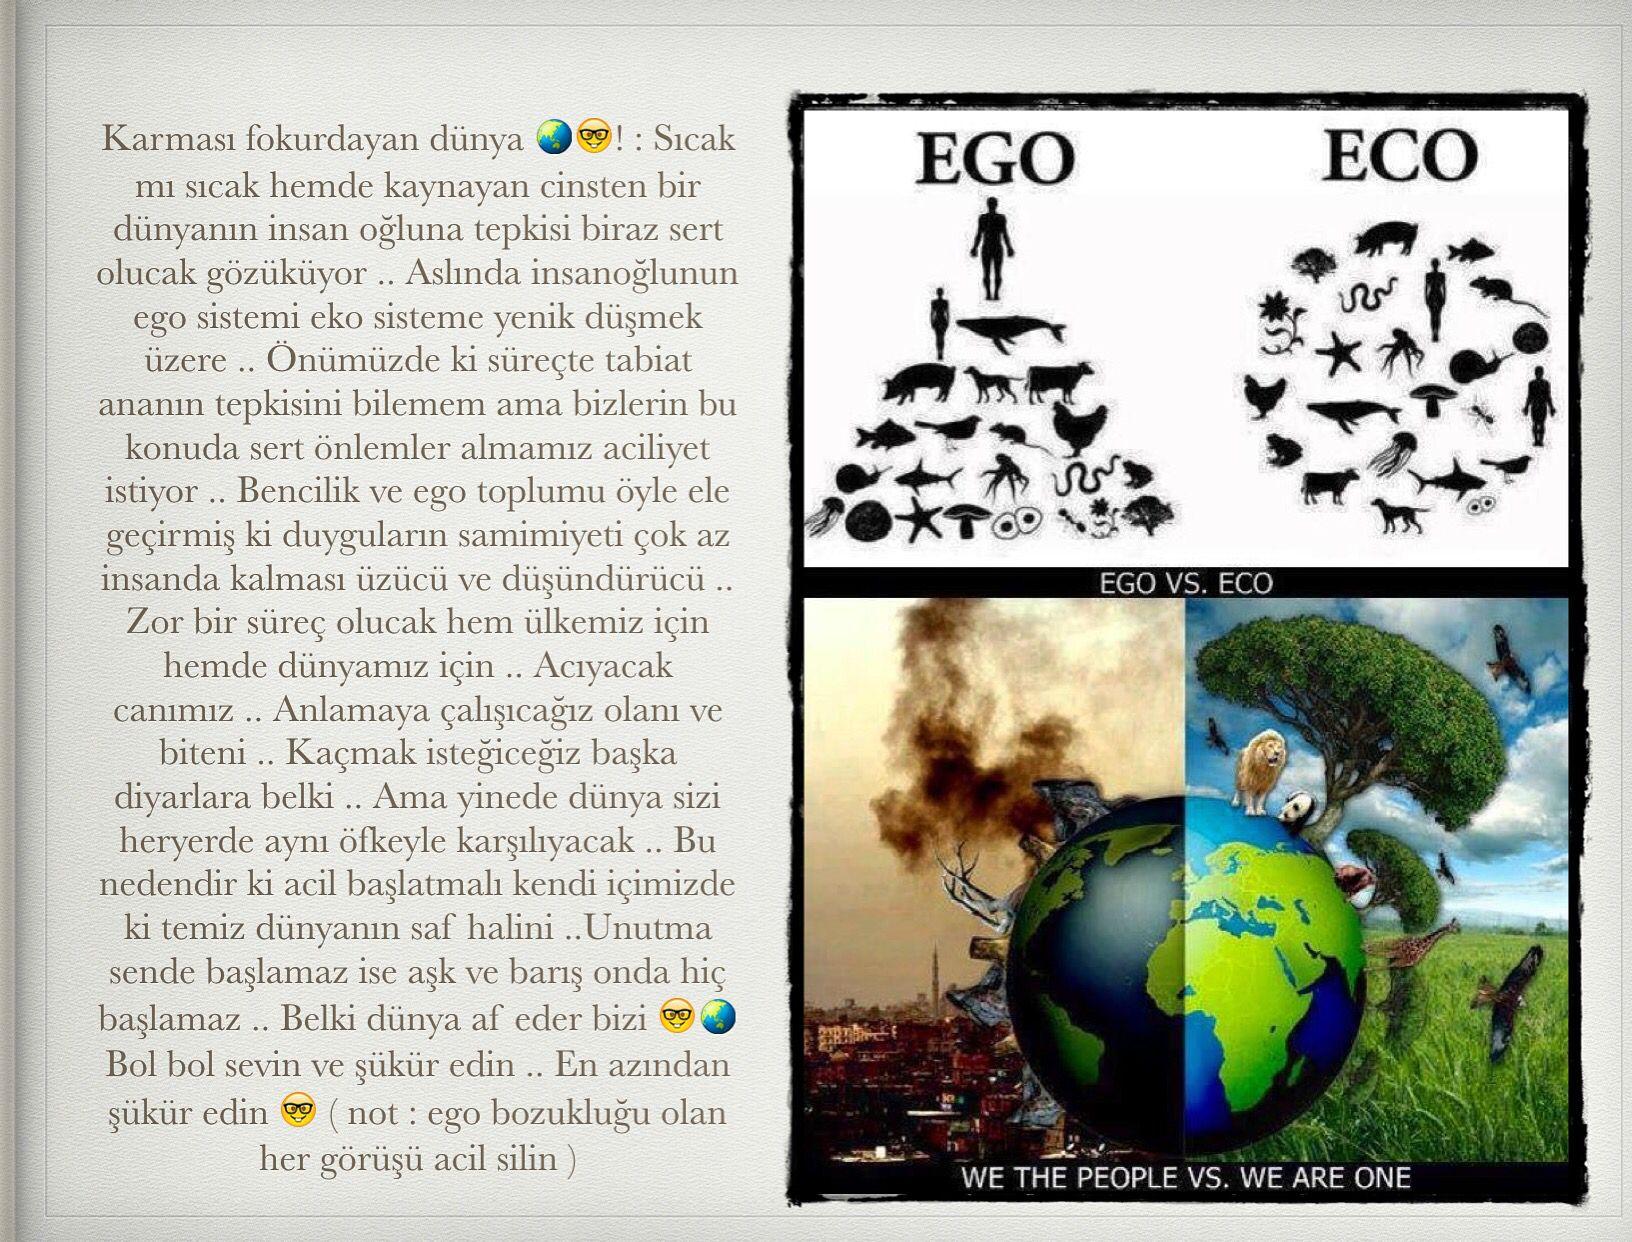 Ego eco world